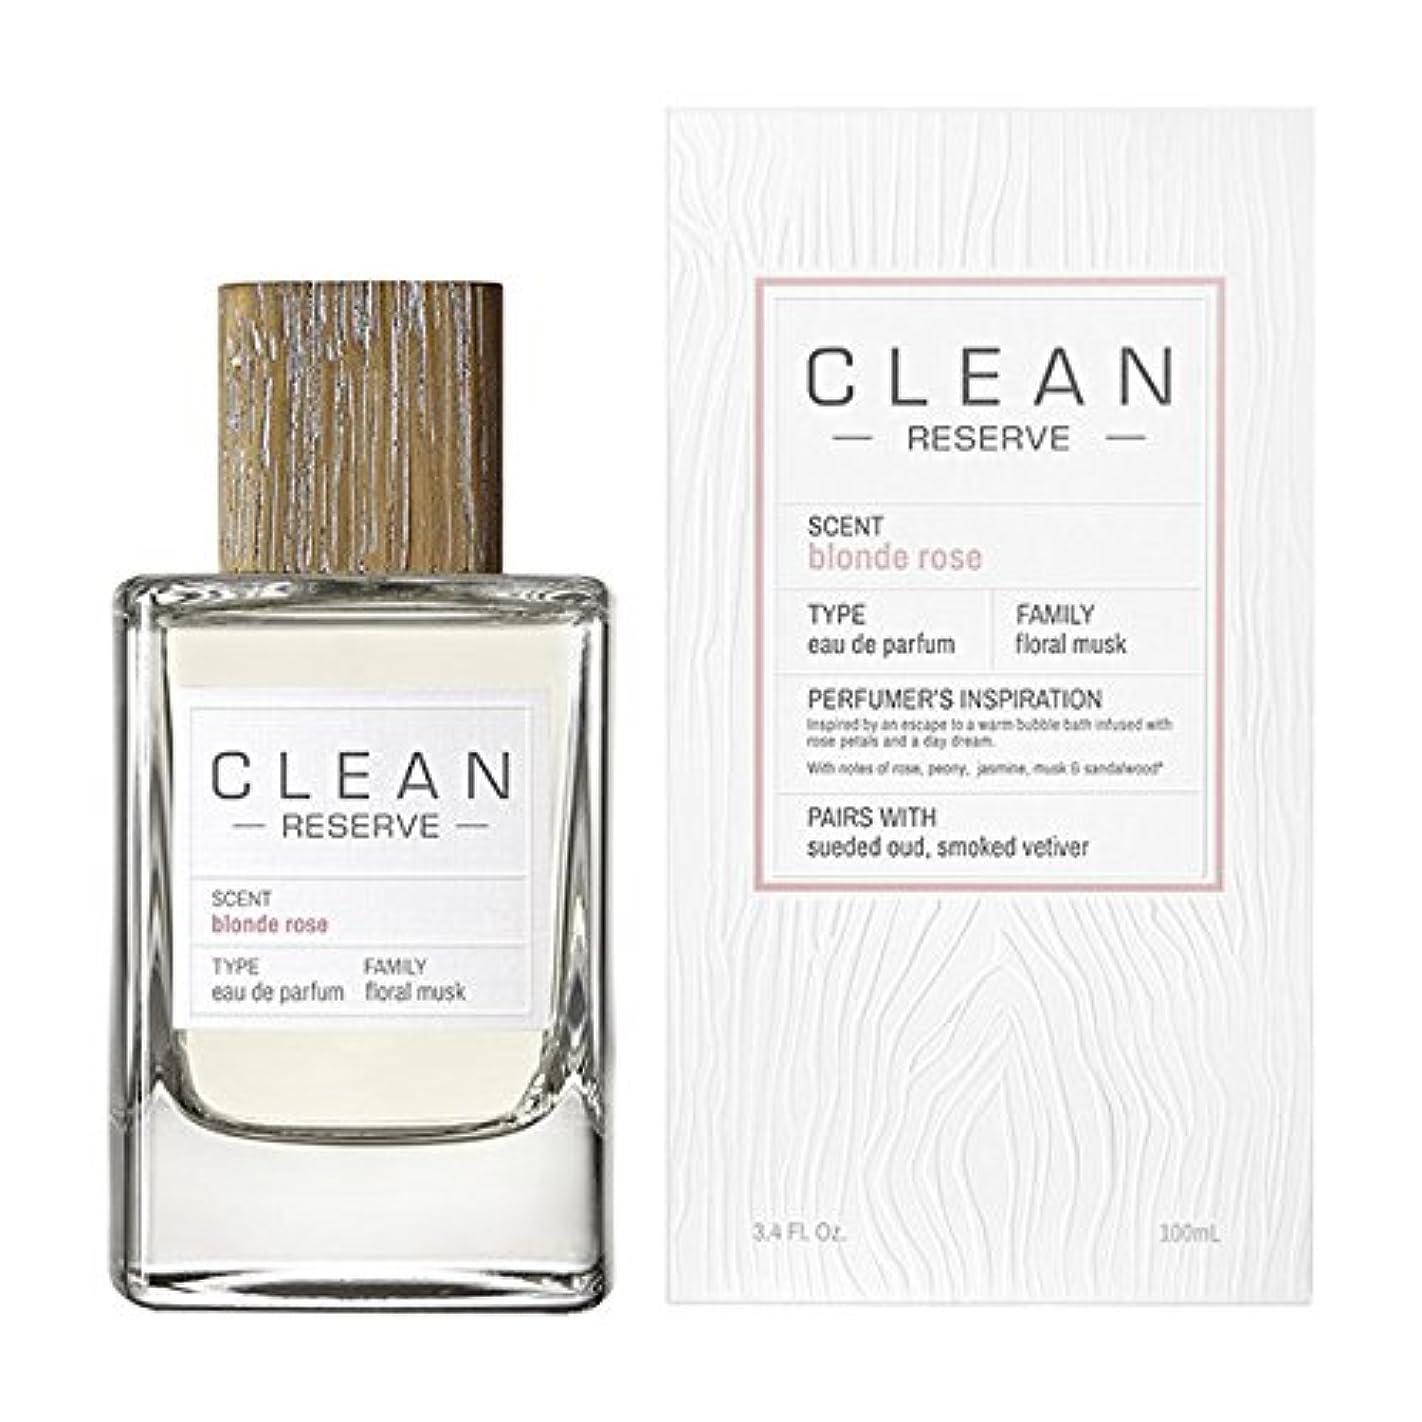 学ぶニックネームアデレード◆【CLEAN】Unisex香水◆クリーン リザーブ ブロンドローズ オードパルファムEDP 100ml◆